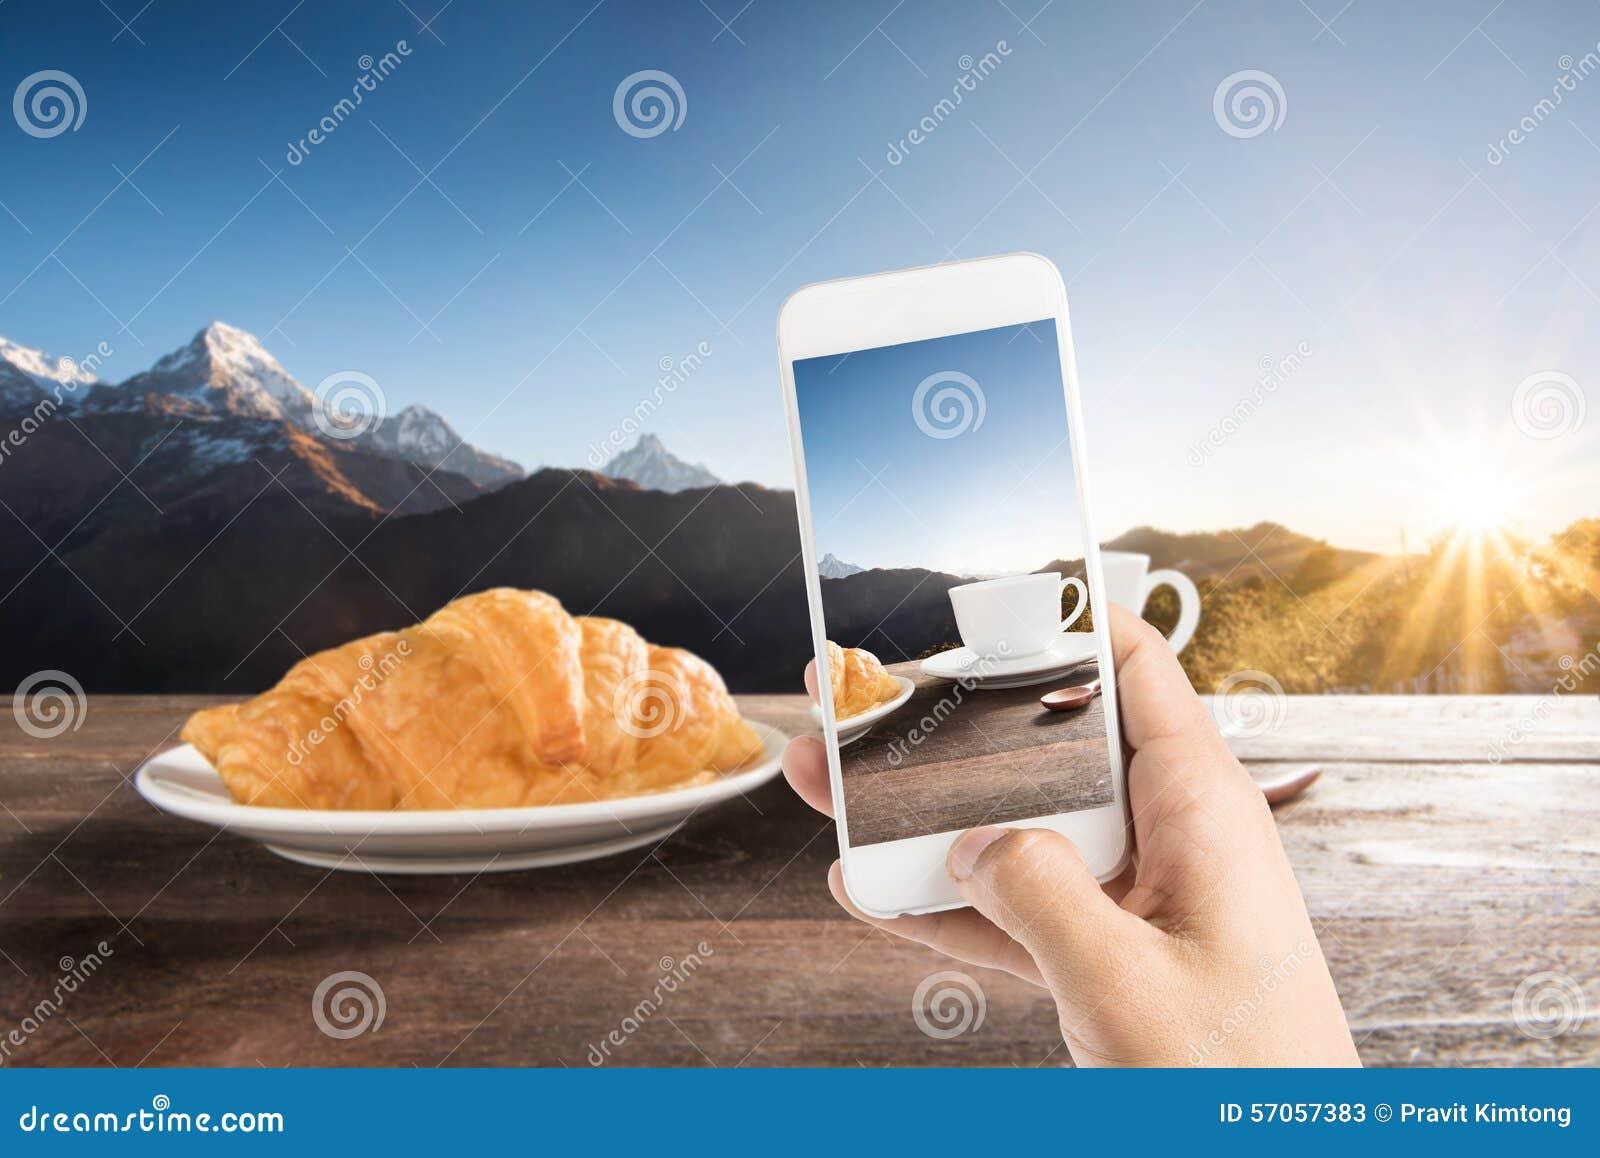 Het nemen van foto van verse gebakken croissants en koffie op houten Ta